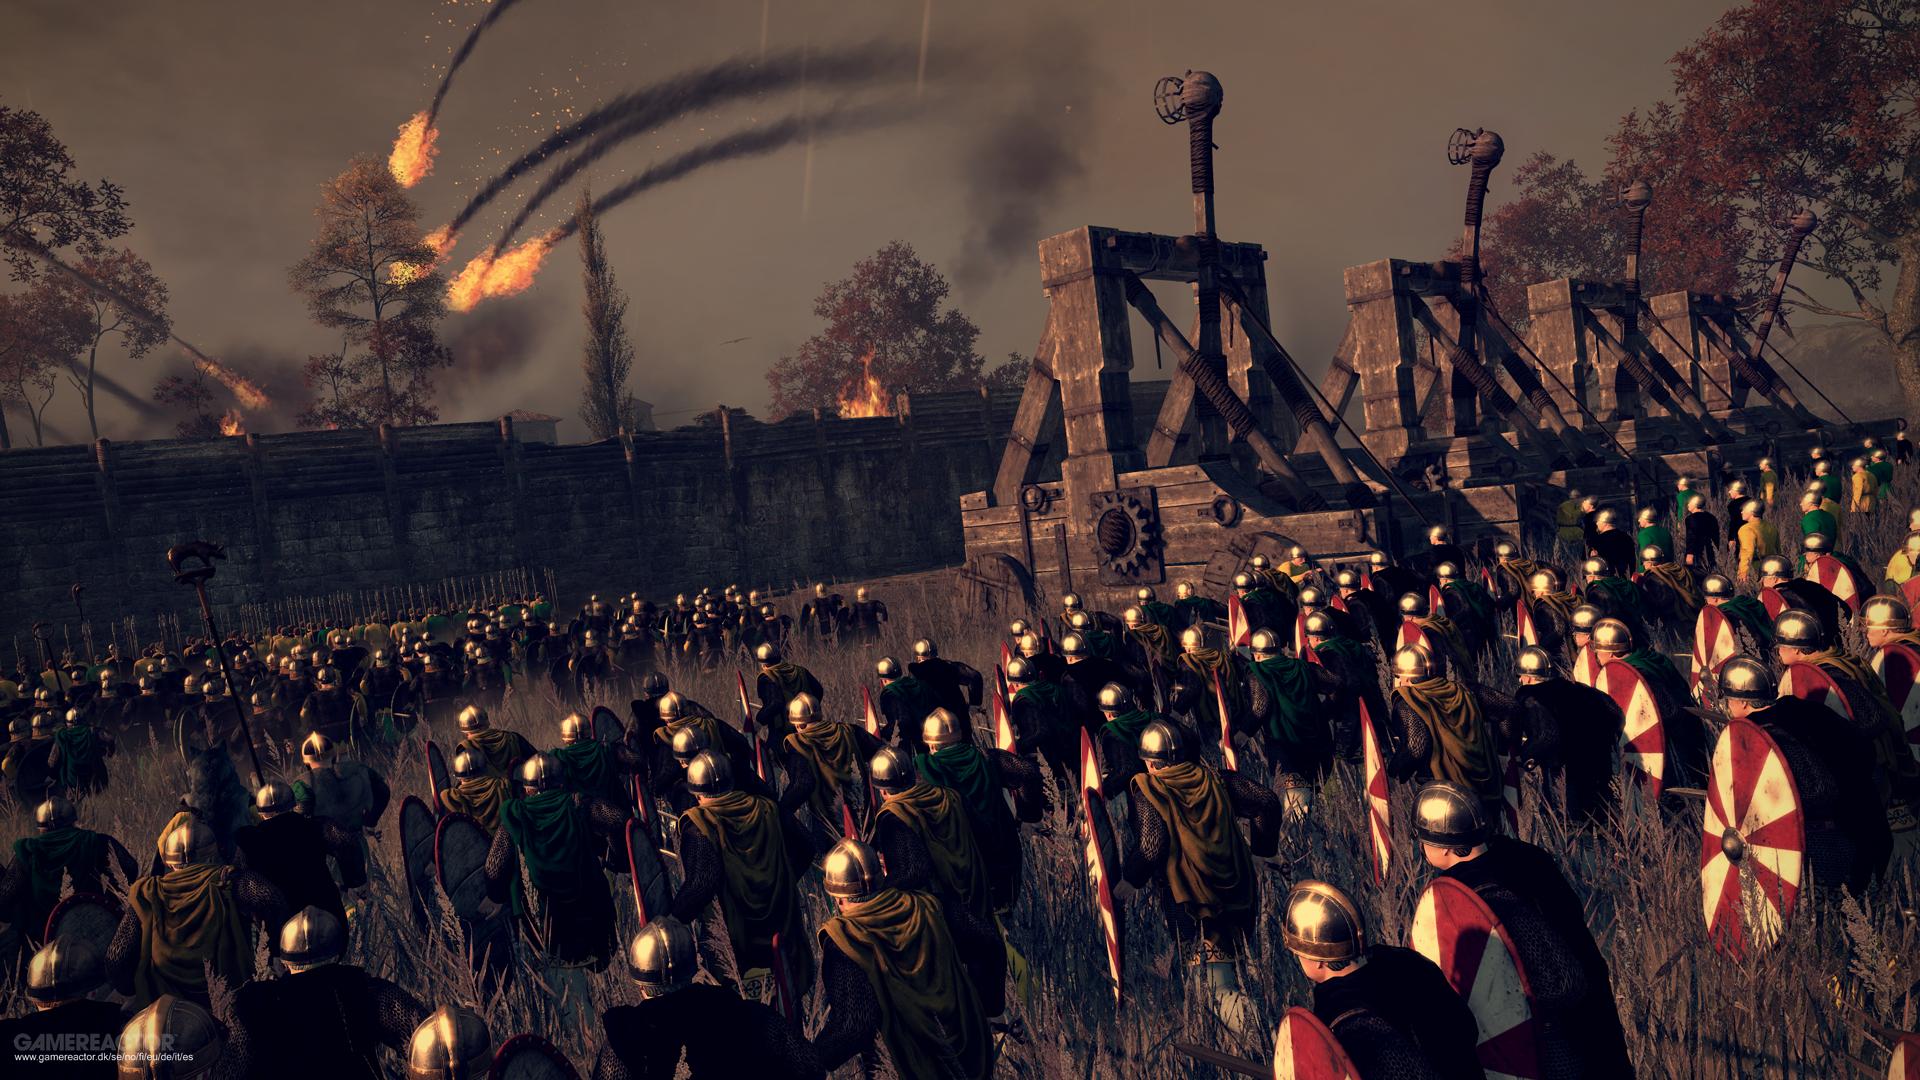 Attila Total War Wallpaper: Total War: Attila Review